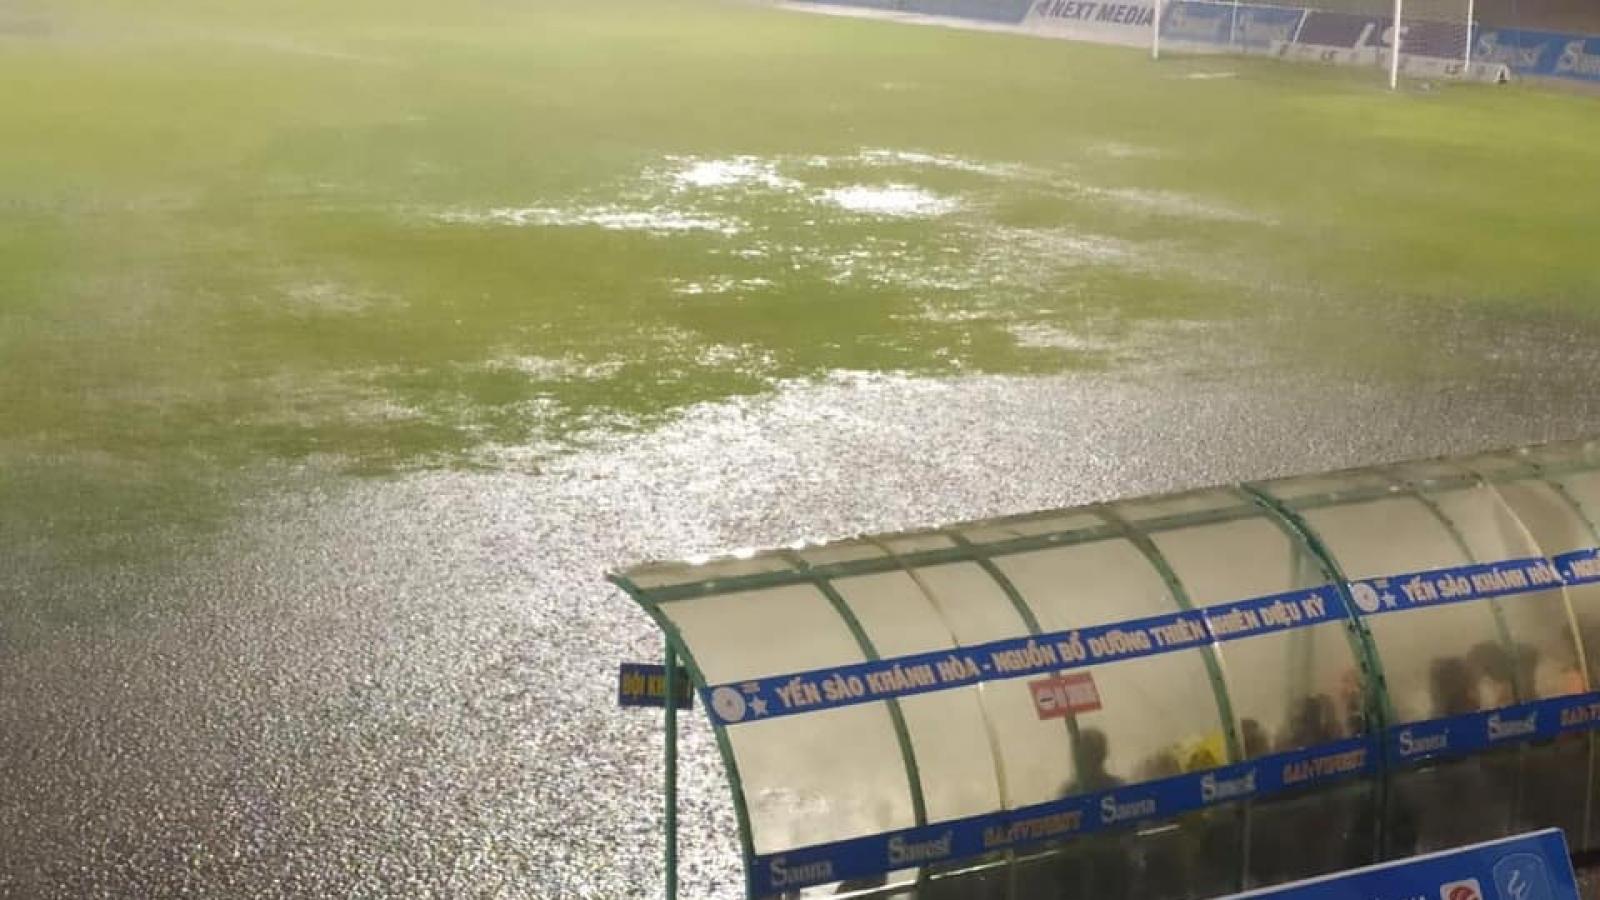 Trận đấu giải hạng Nhất kết thúc vào khung giờ hy hữu do mưa lớn